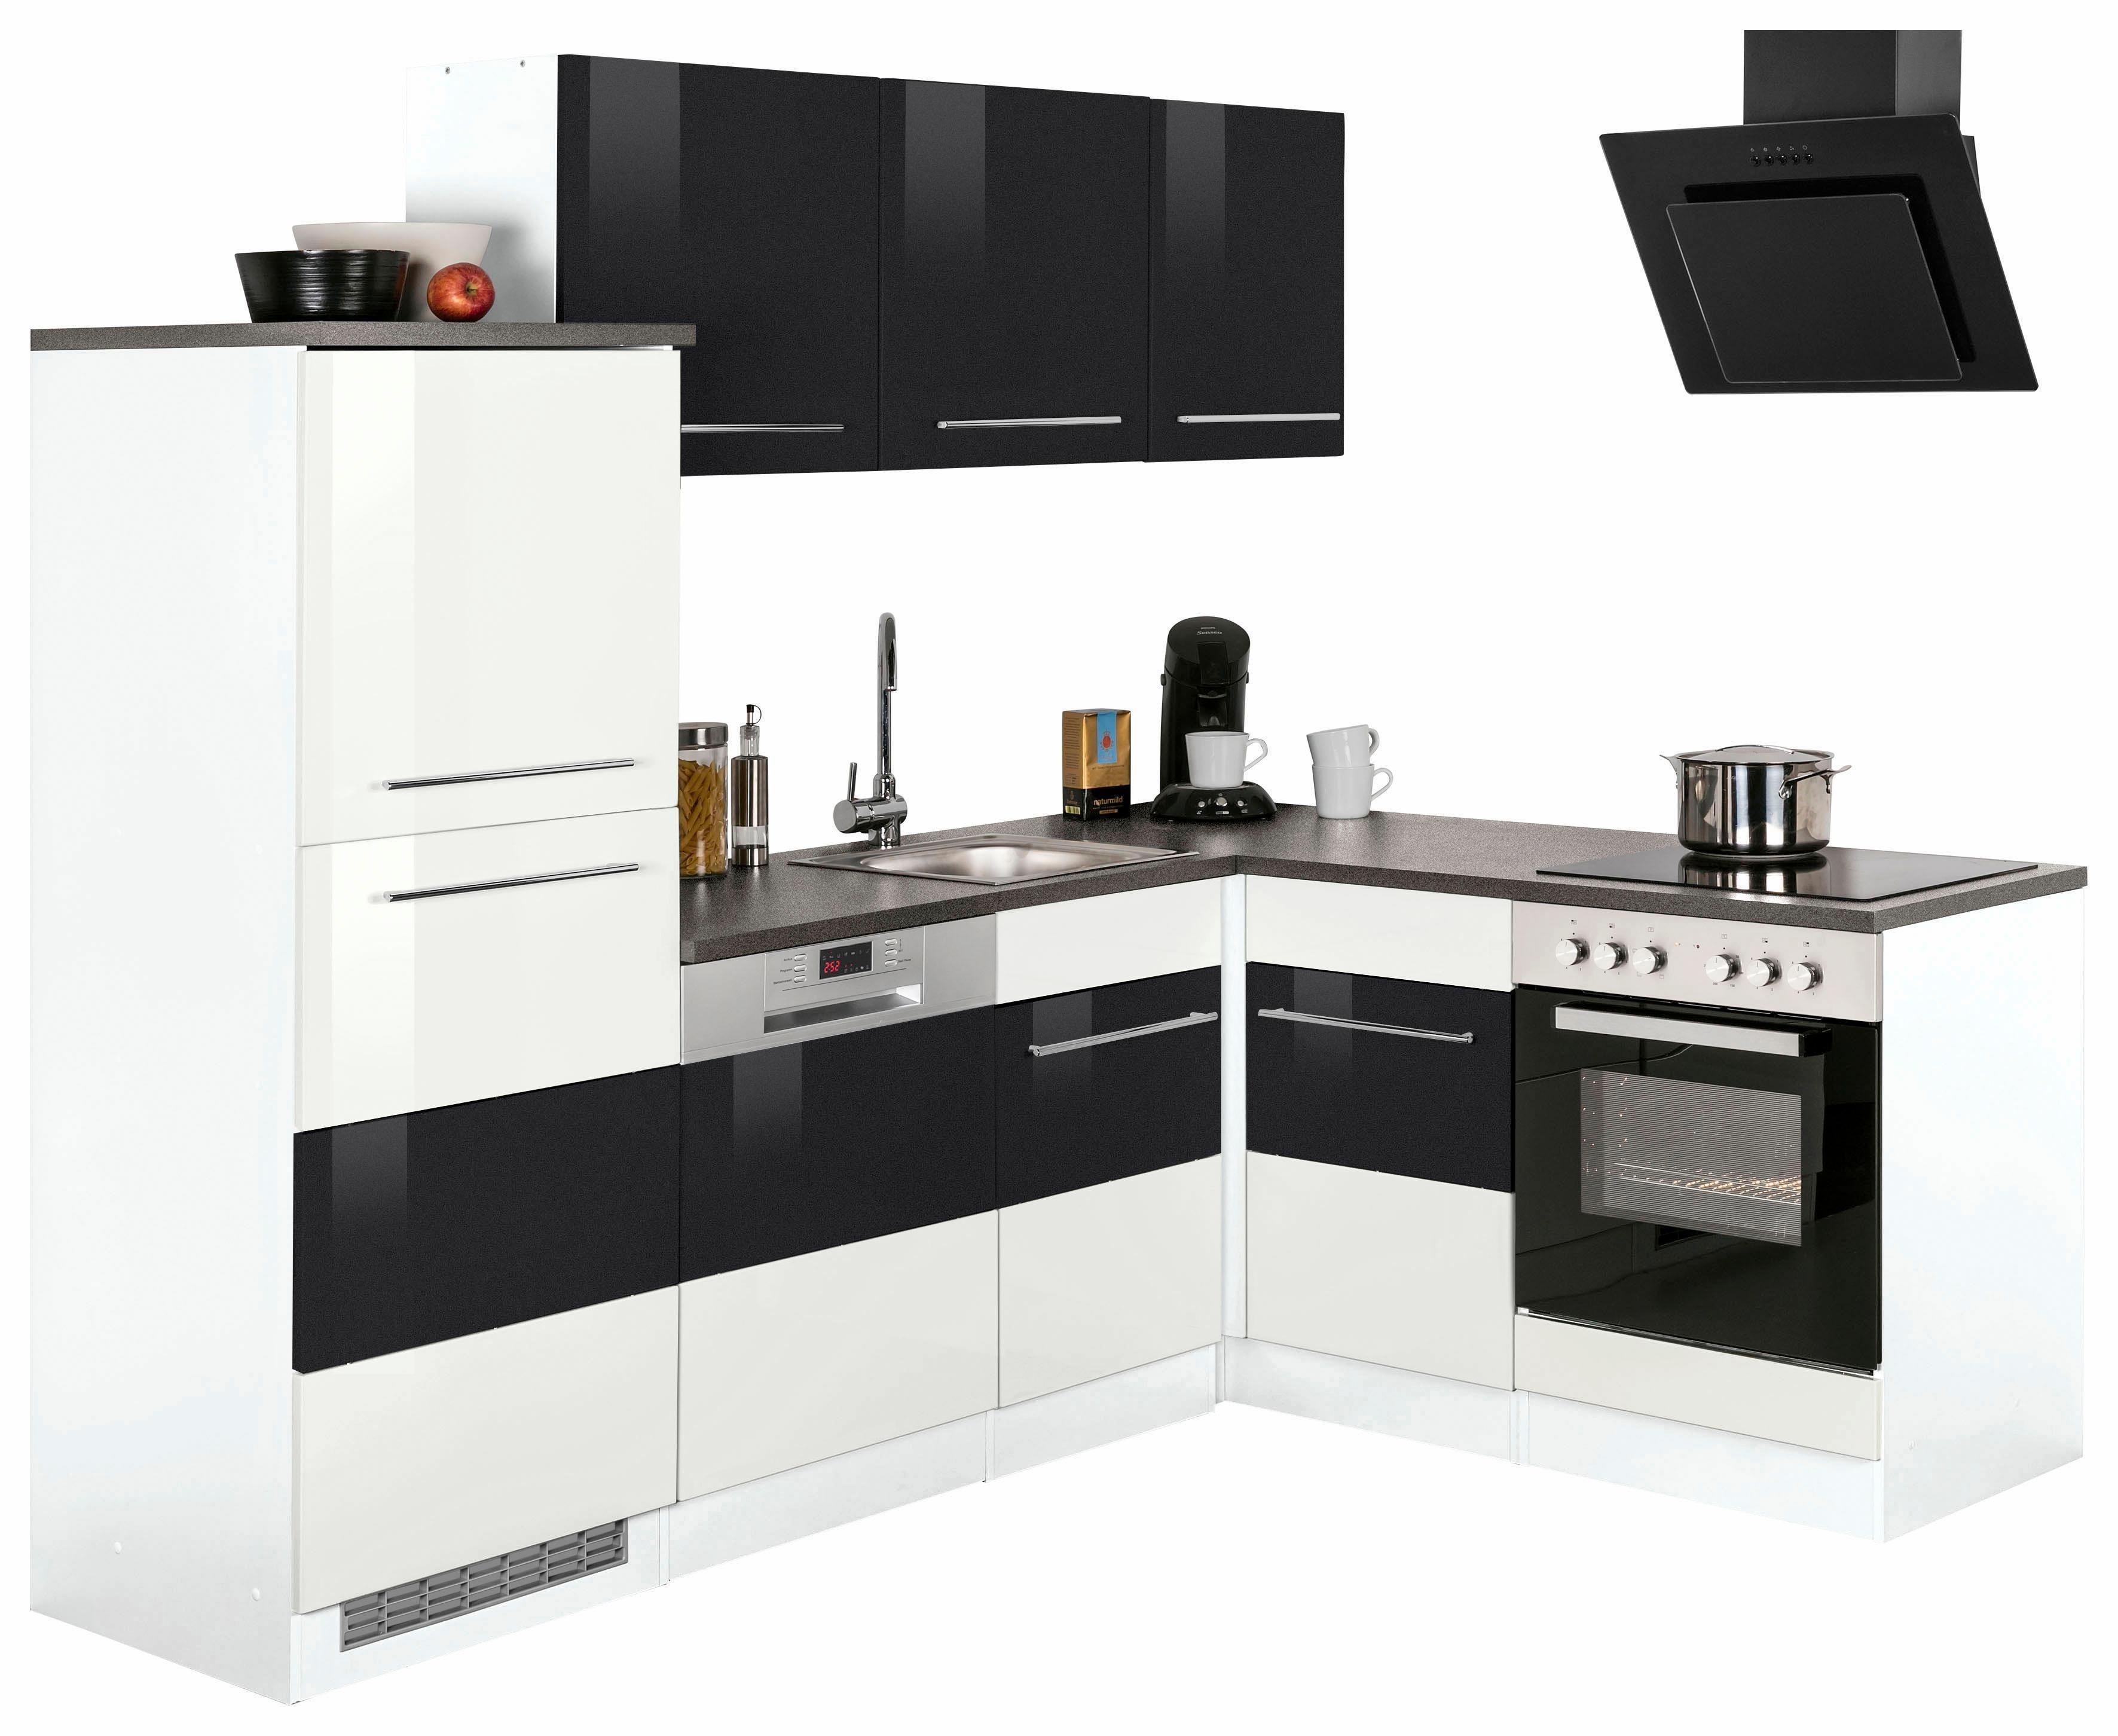 hochglanz-spanplatte Winkelküchen online kaufen | Möbel-Suchmaschine ...